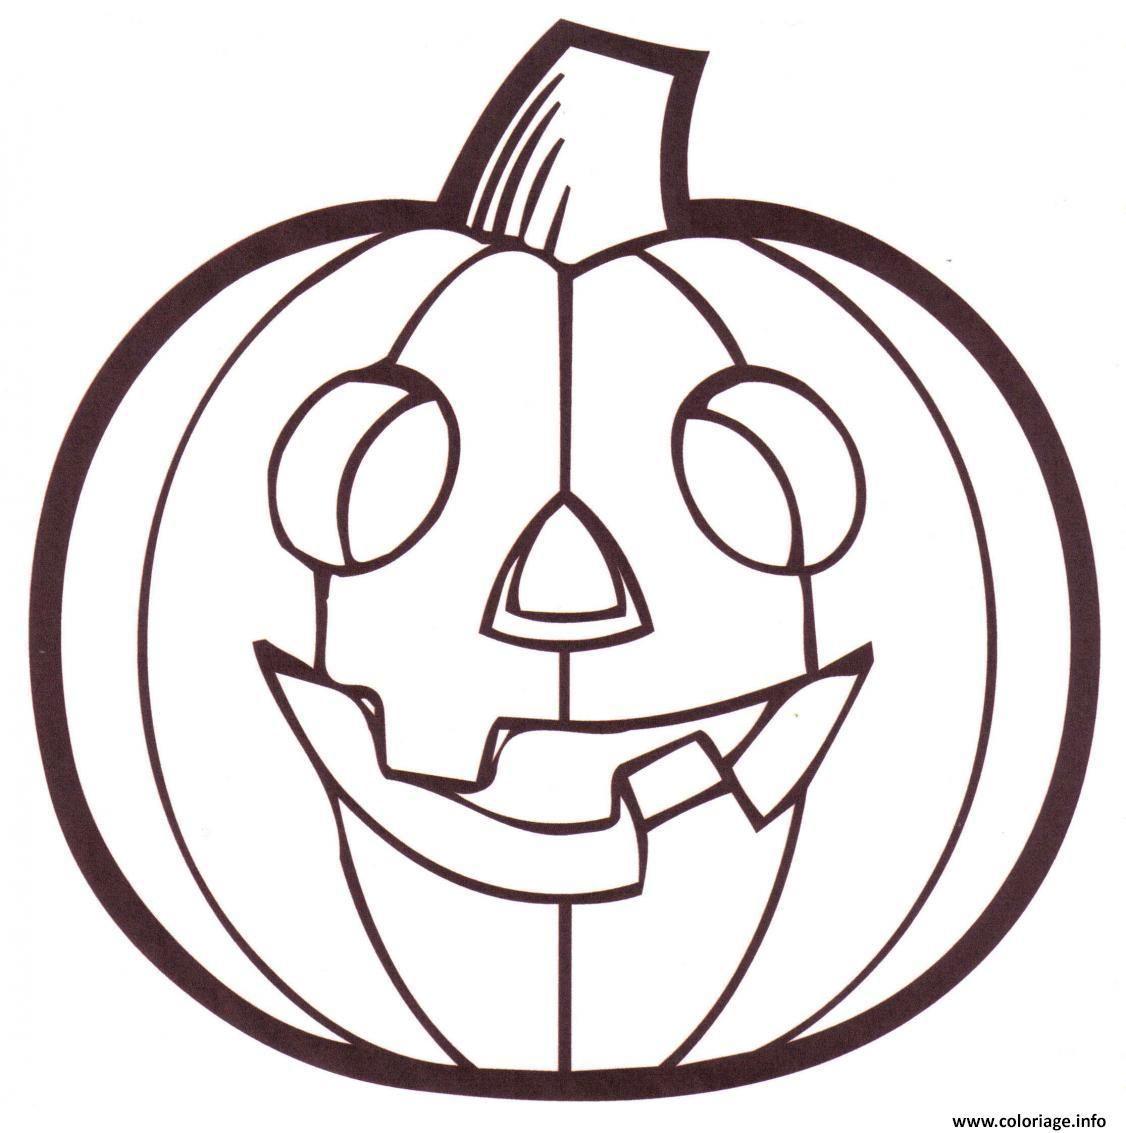 Coloriage Citrouille Halloween Dessin À Imprimer Coloriage encequiconcerne Dessin Halloween Citrouille A Imprimer Gratuit